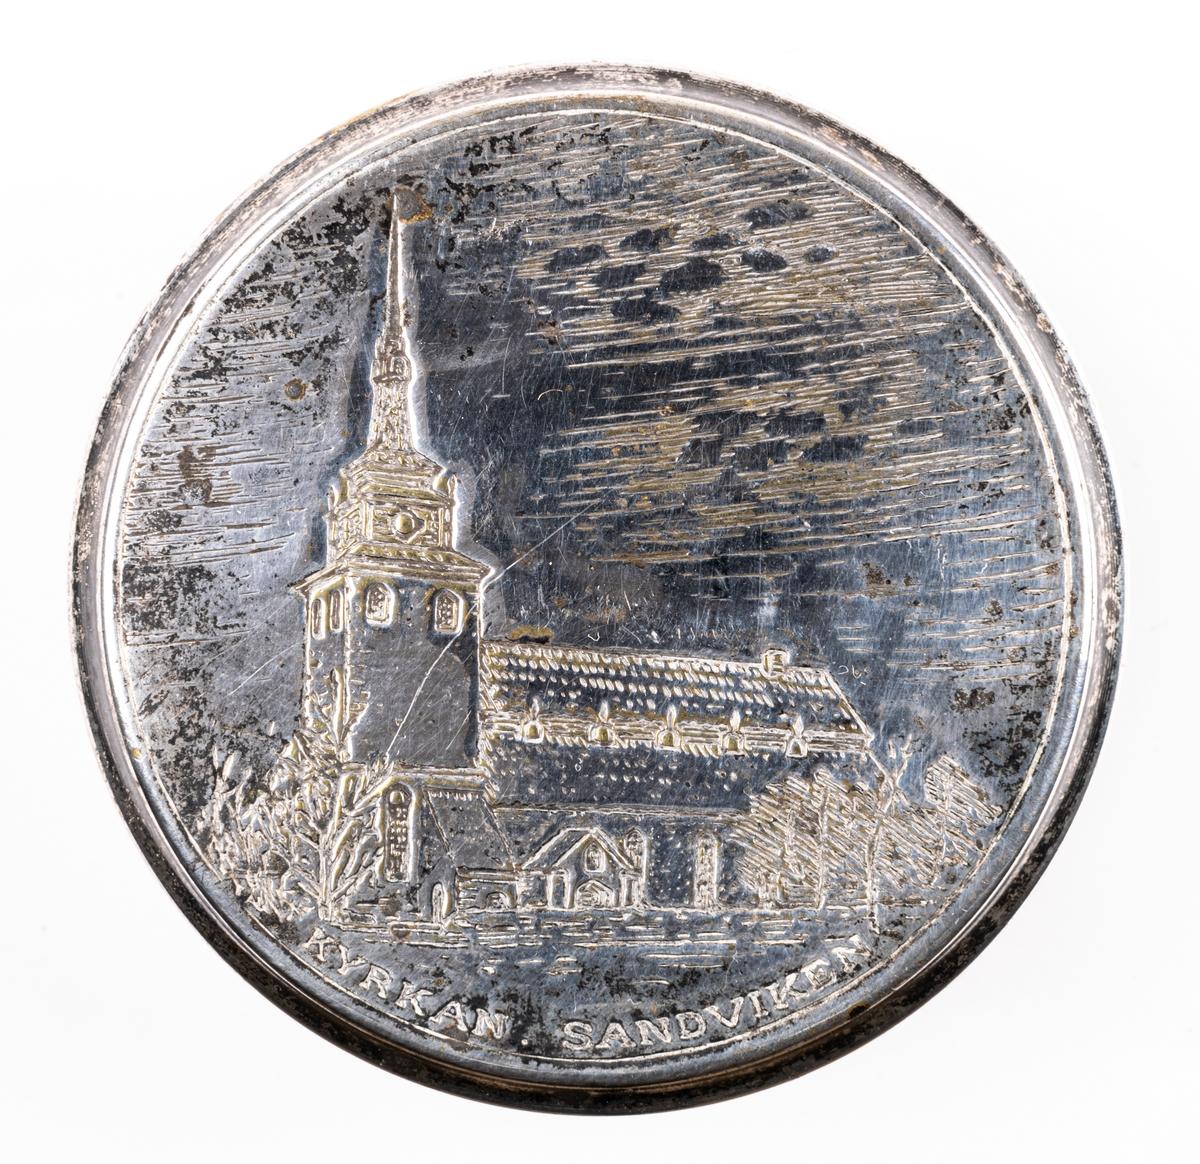 En liten försilvrad dosa med lock och tre runda kulfötter. På locket en pressad bild av Sandvikens kyrka samt texten KYRKAN SANDVIKEN.